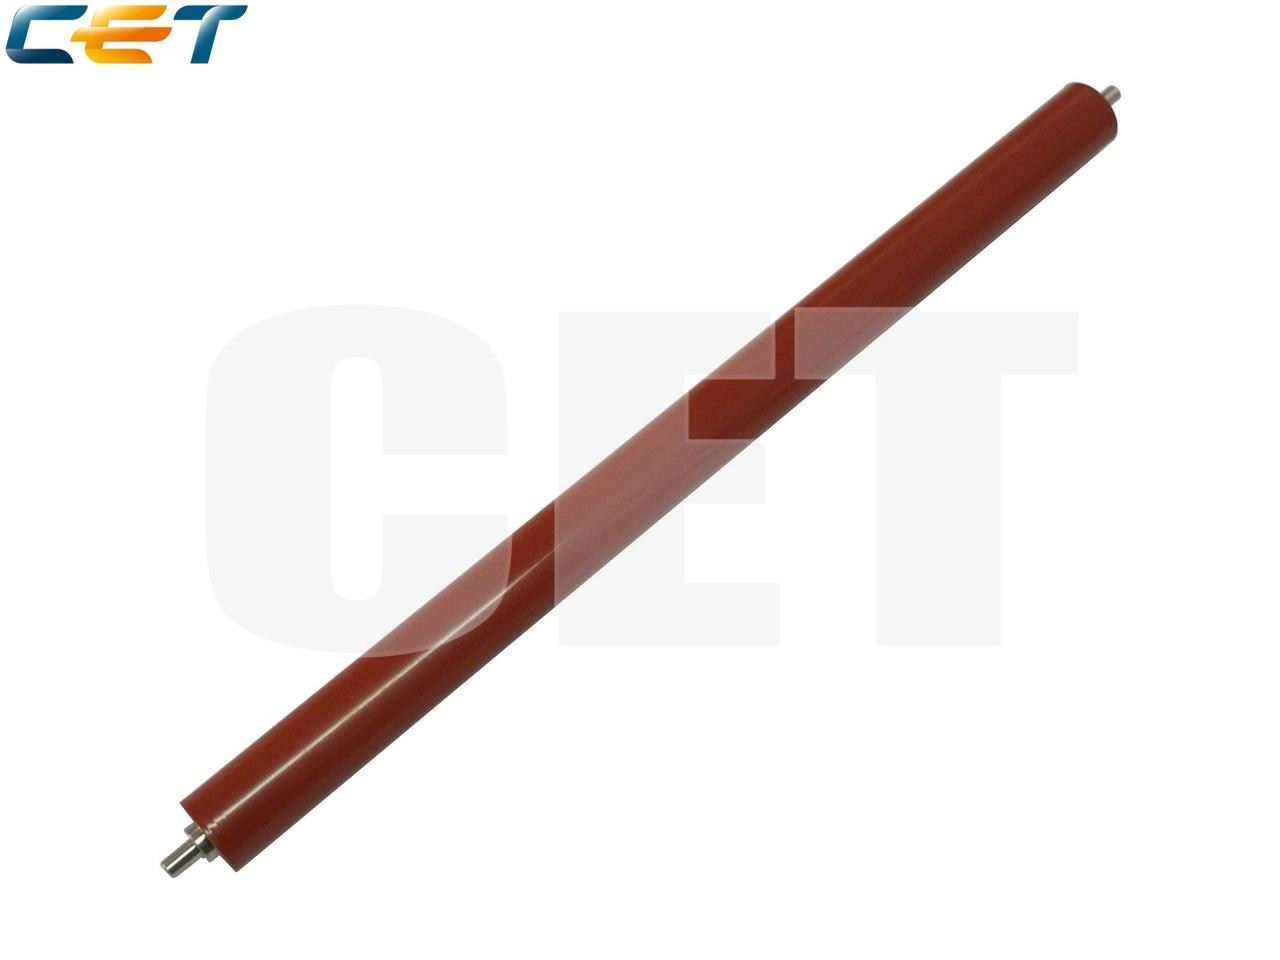 Резиновый вал для KONICA MINOLTA Bizhub 164/184 (CET),CET6520